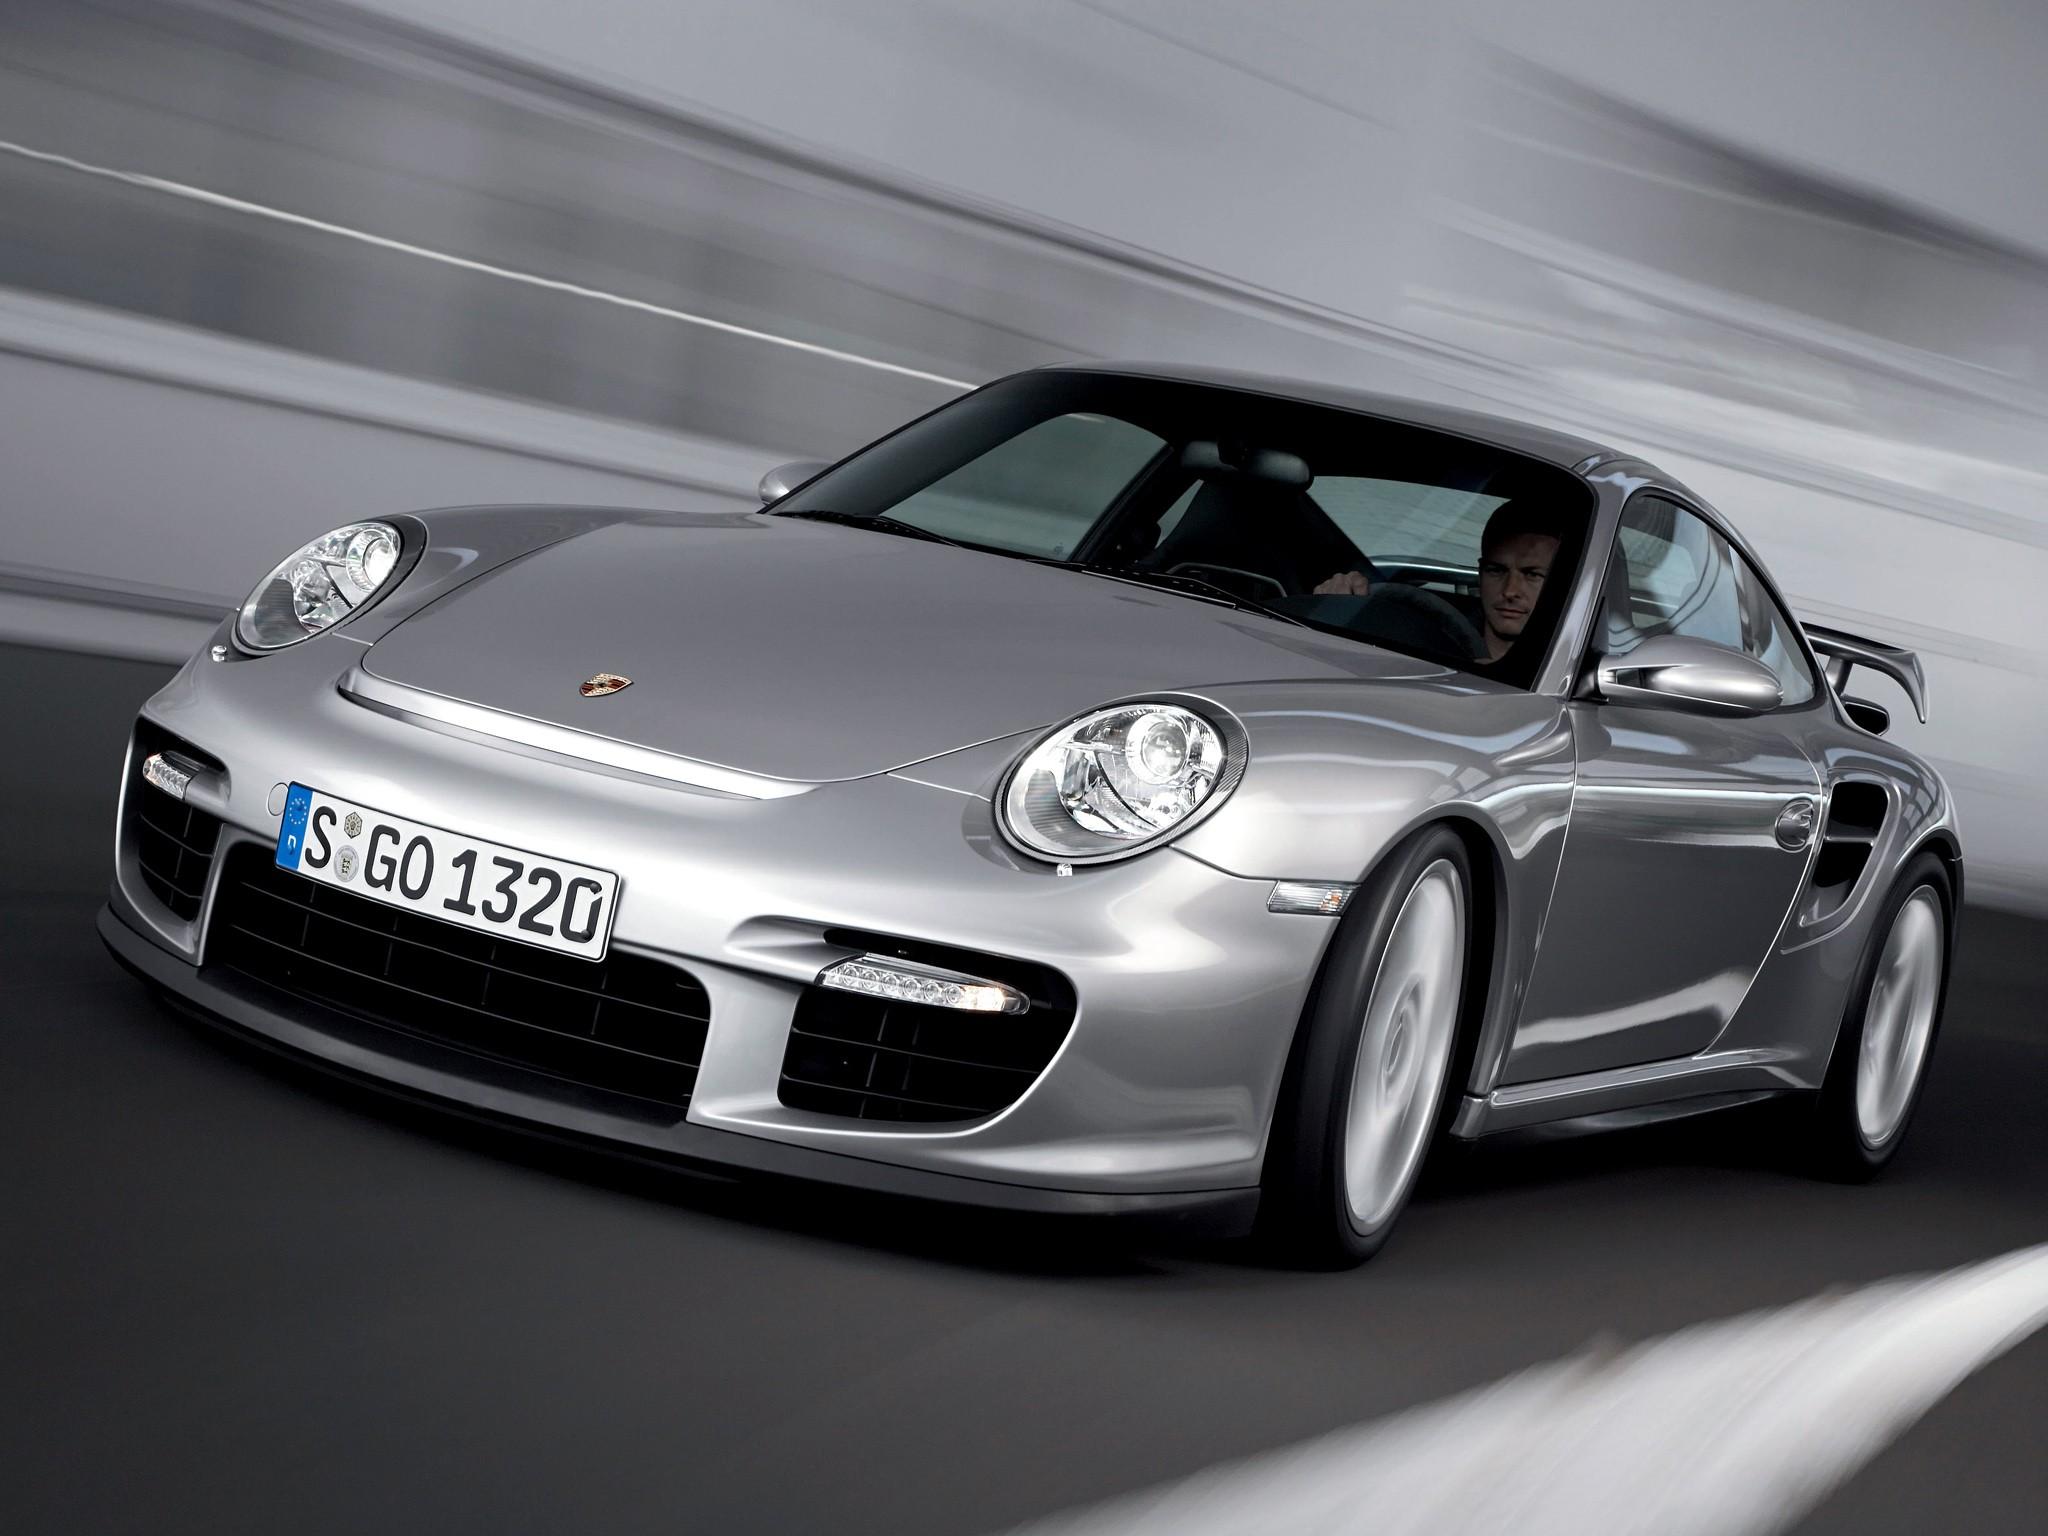 PORSCHE-911-GT2--997--2910_38 Stunning 2008 Porsche 911 Gt2 Horsepower Cars Trend